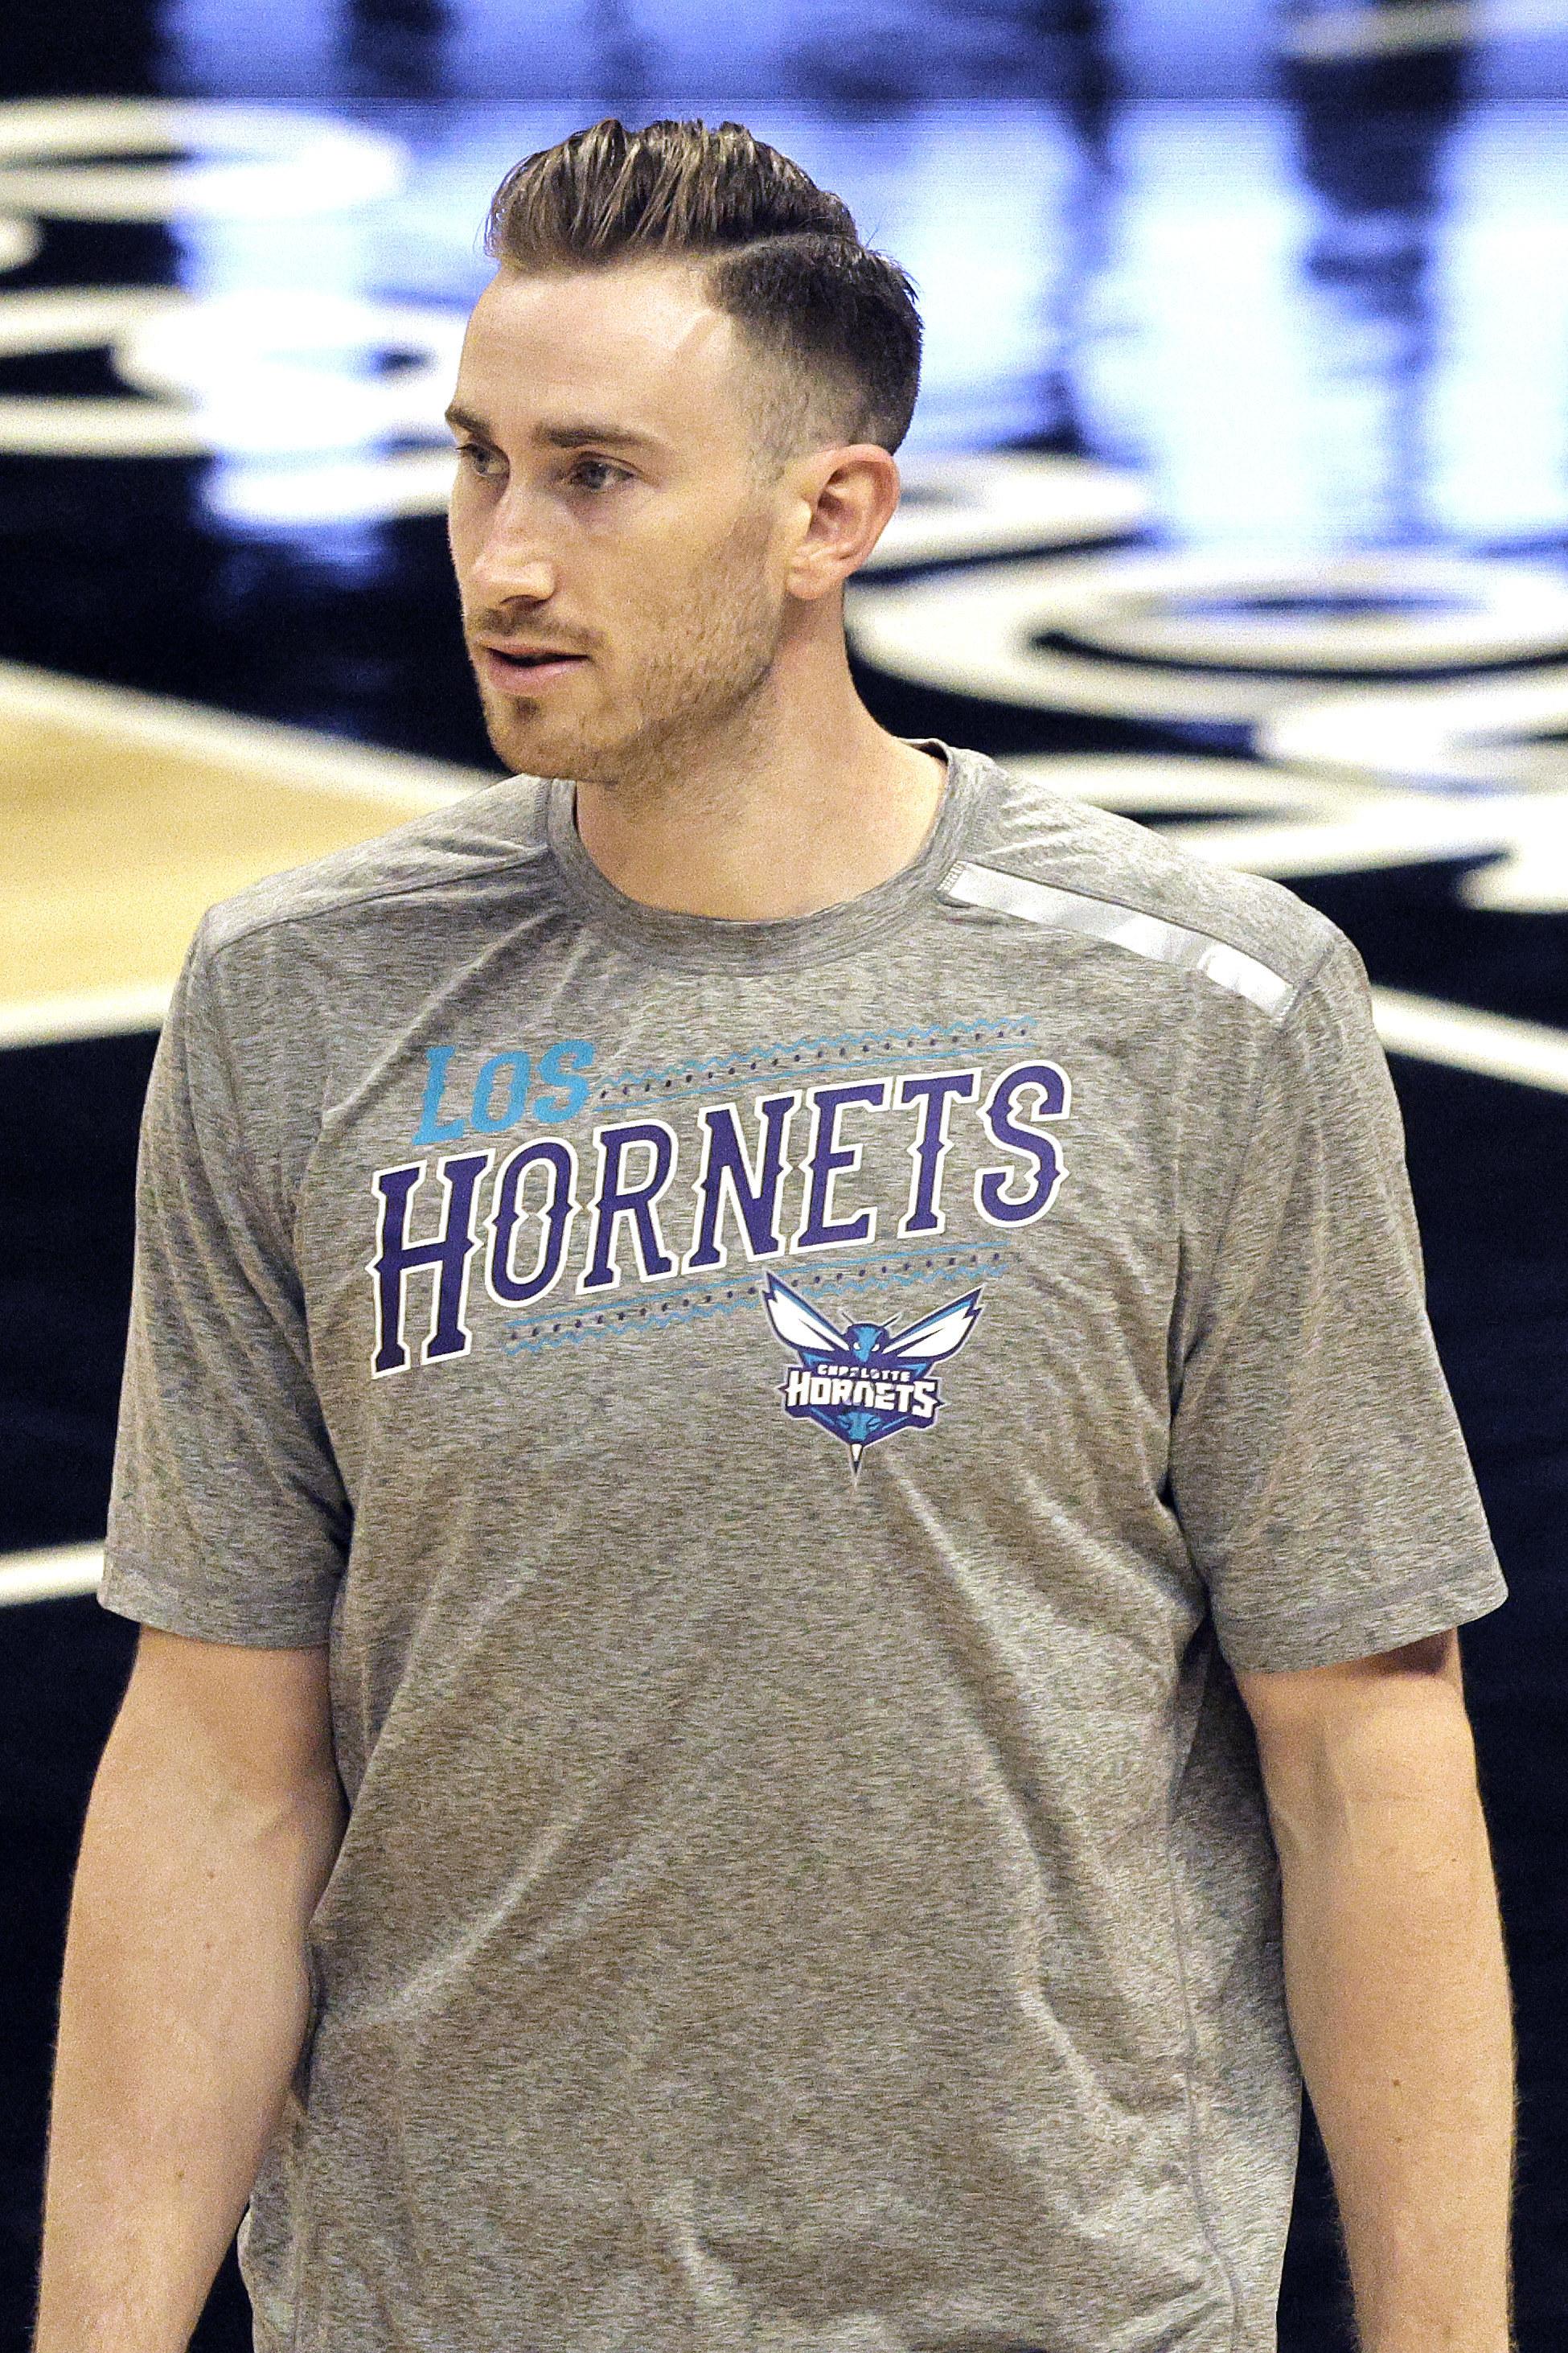 Gordon Hayward in Hornets shirt.